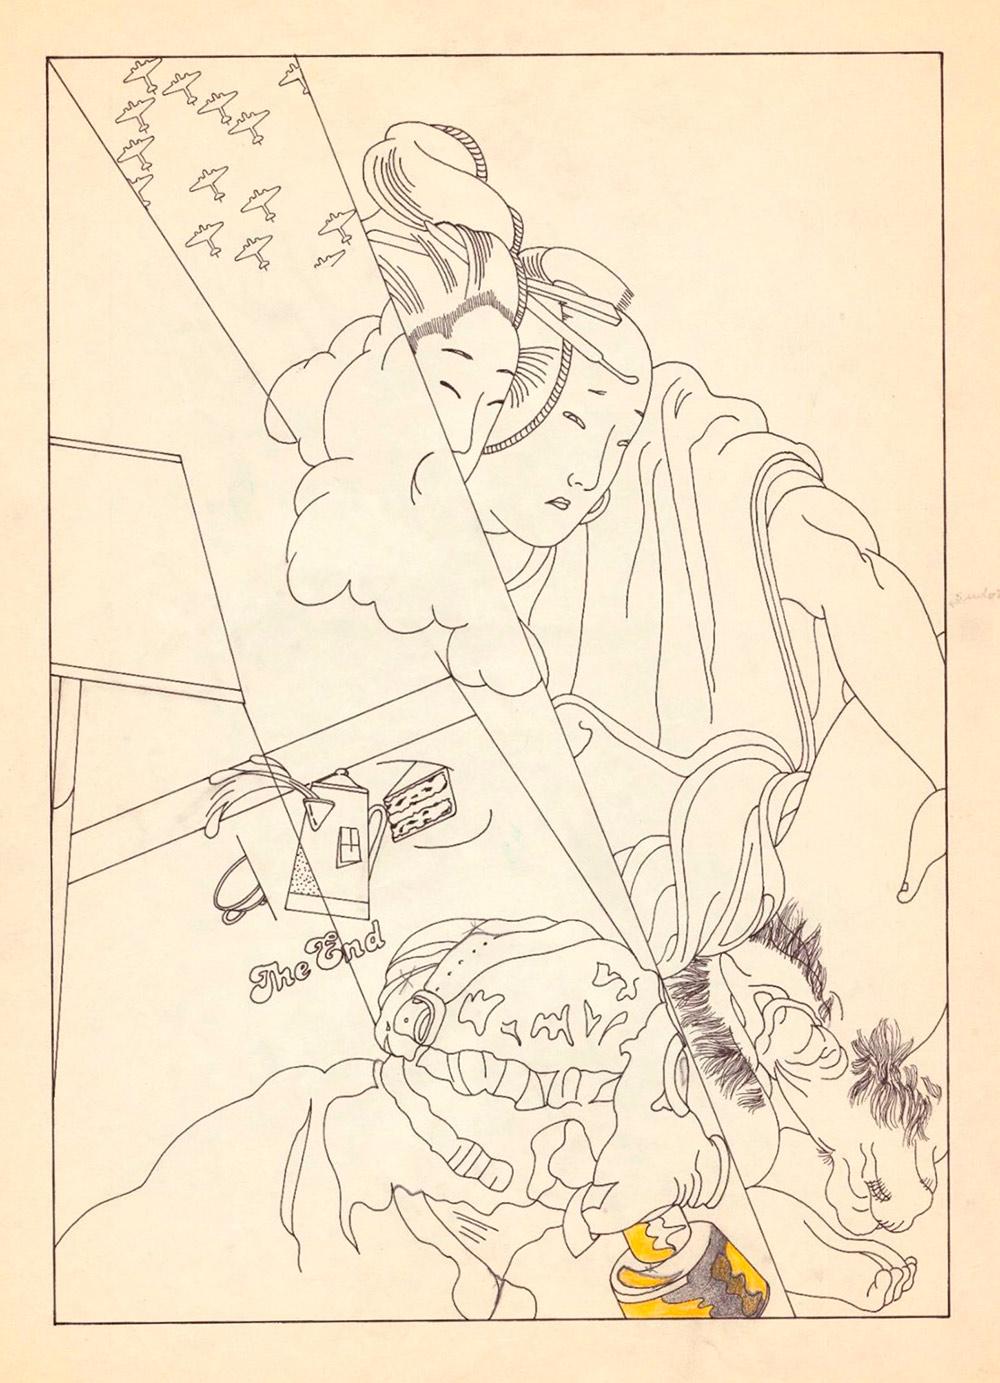 S/T, técnica mixta sobre papel, 43 x 33 cm. Jorge Carruana Bances, 1984